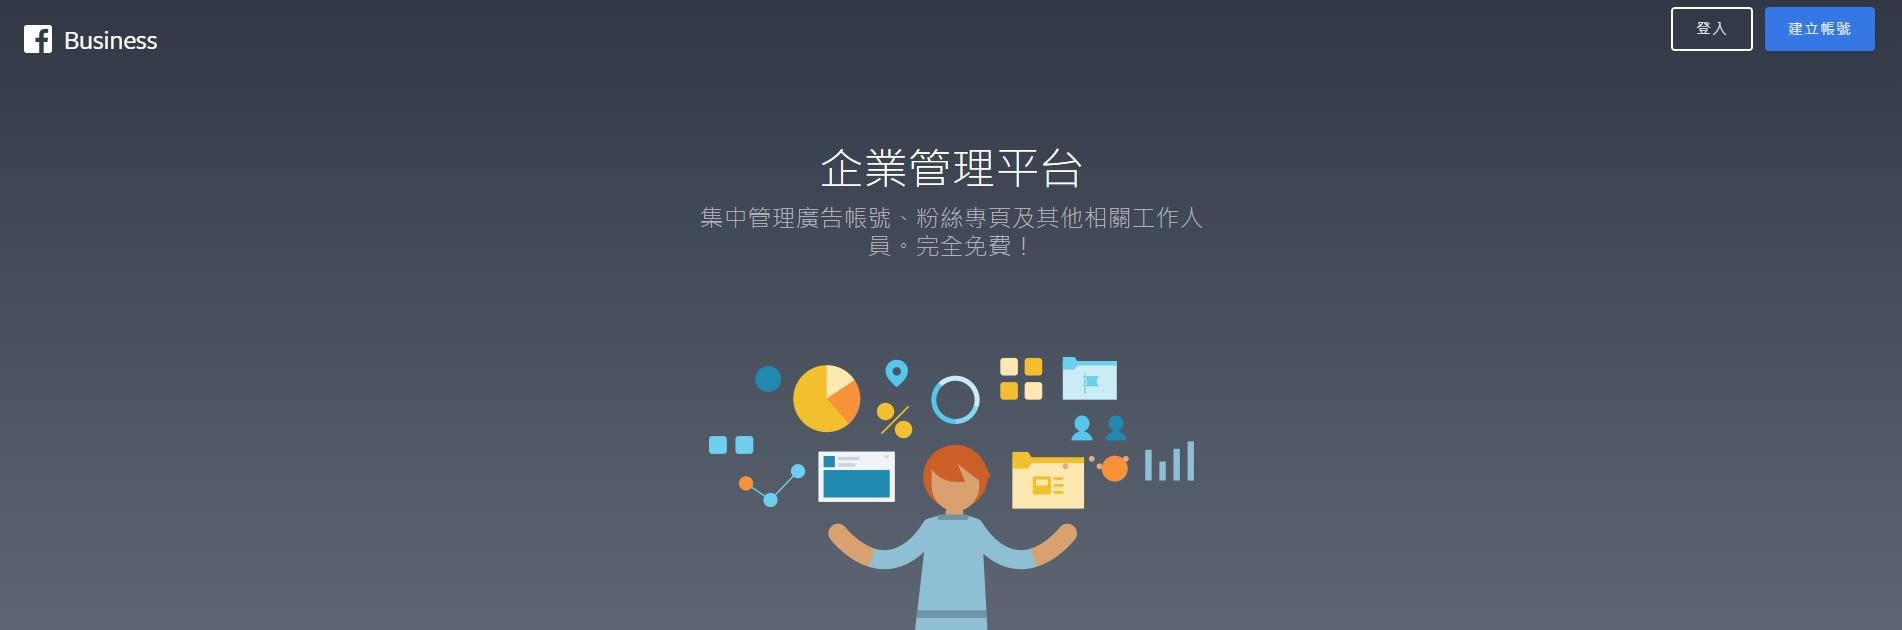 企業管理平台是什麼